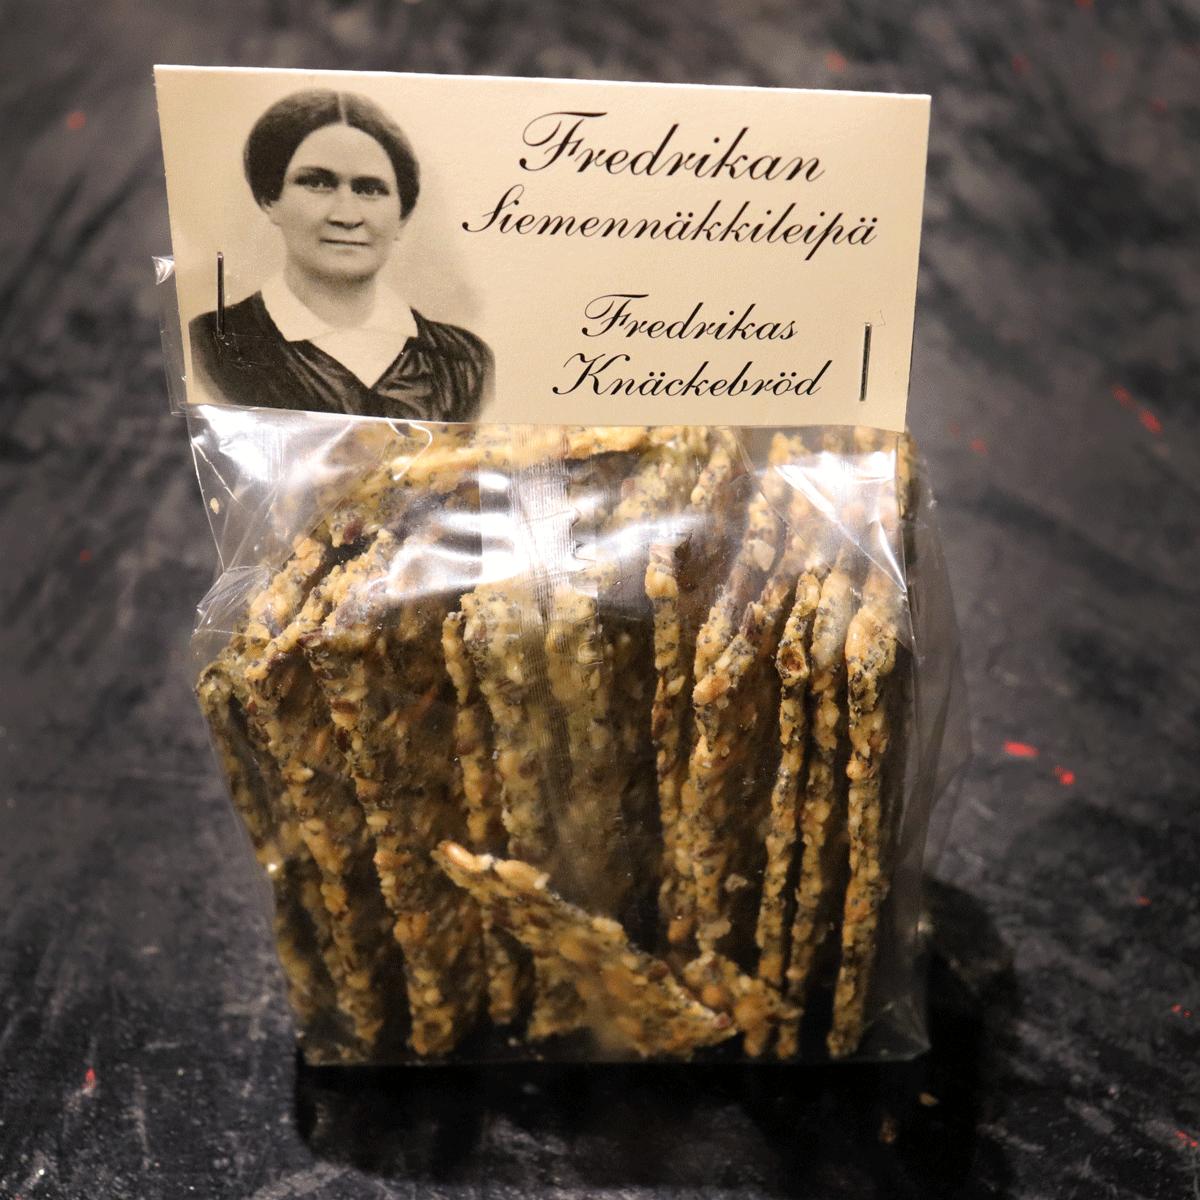 Fredrikan-siemennäkkileipä